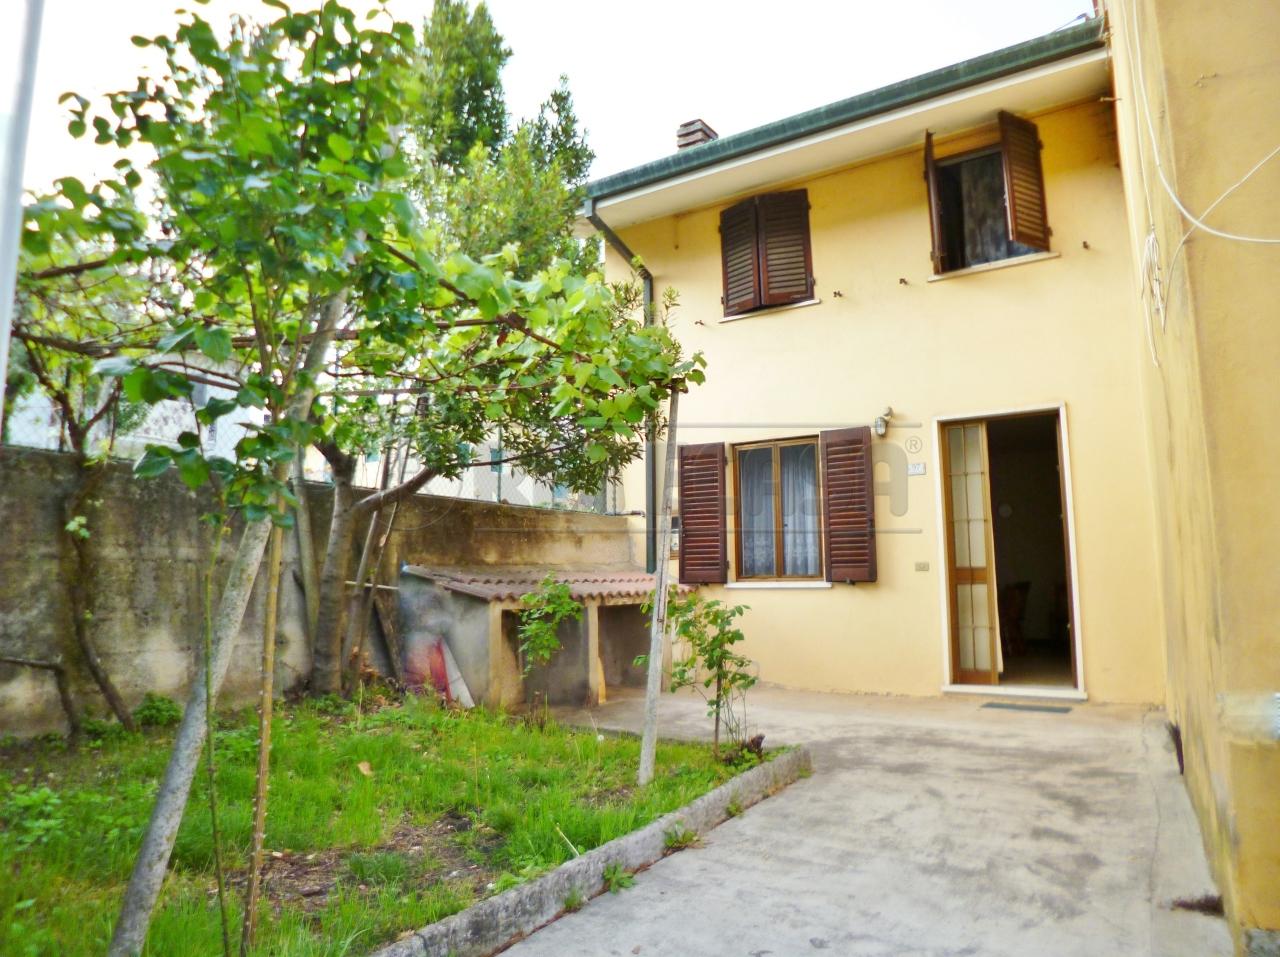 Soluzione Semindipendente in vendita a Montebello Vicentino, 5 locali, prezzo € 75.000 | Cambio Casa.it